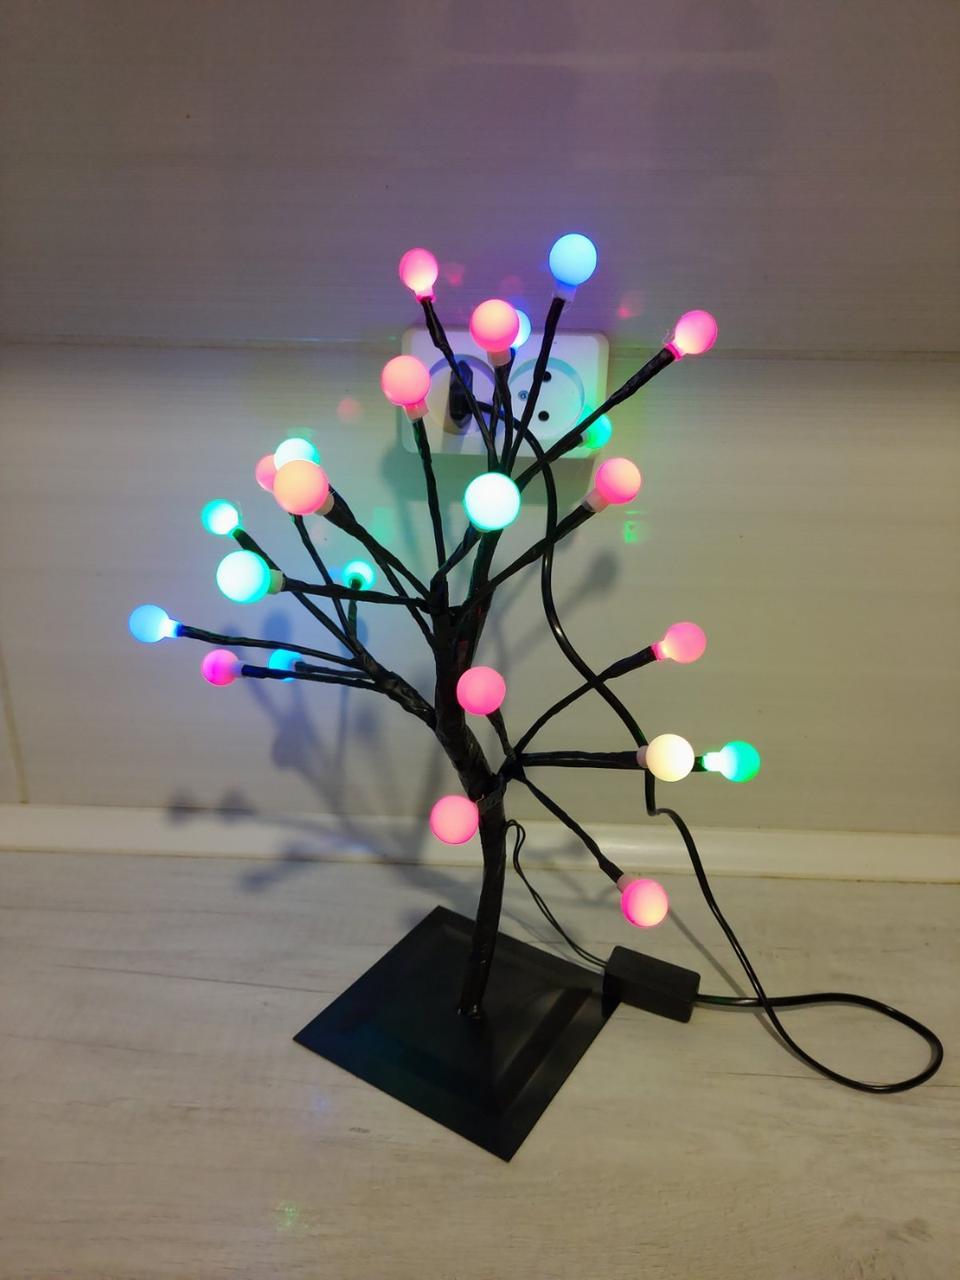 Маленьке дерево гірлянда (24 матових кульки) світіння мультиколор висота 40см від мережі 220вт